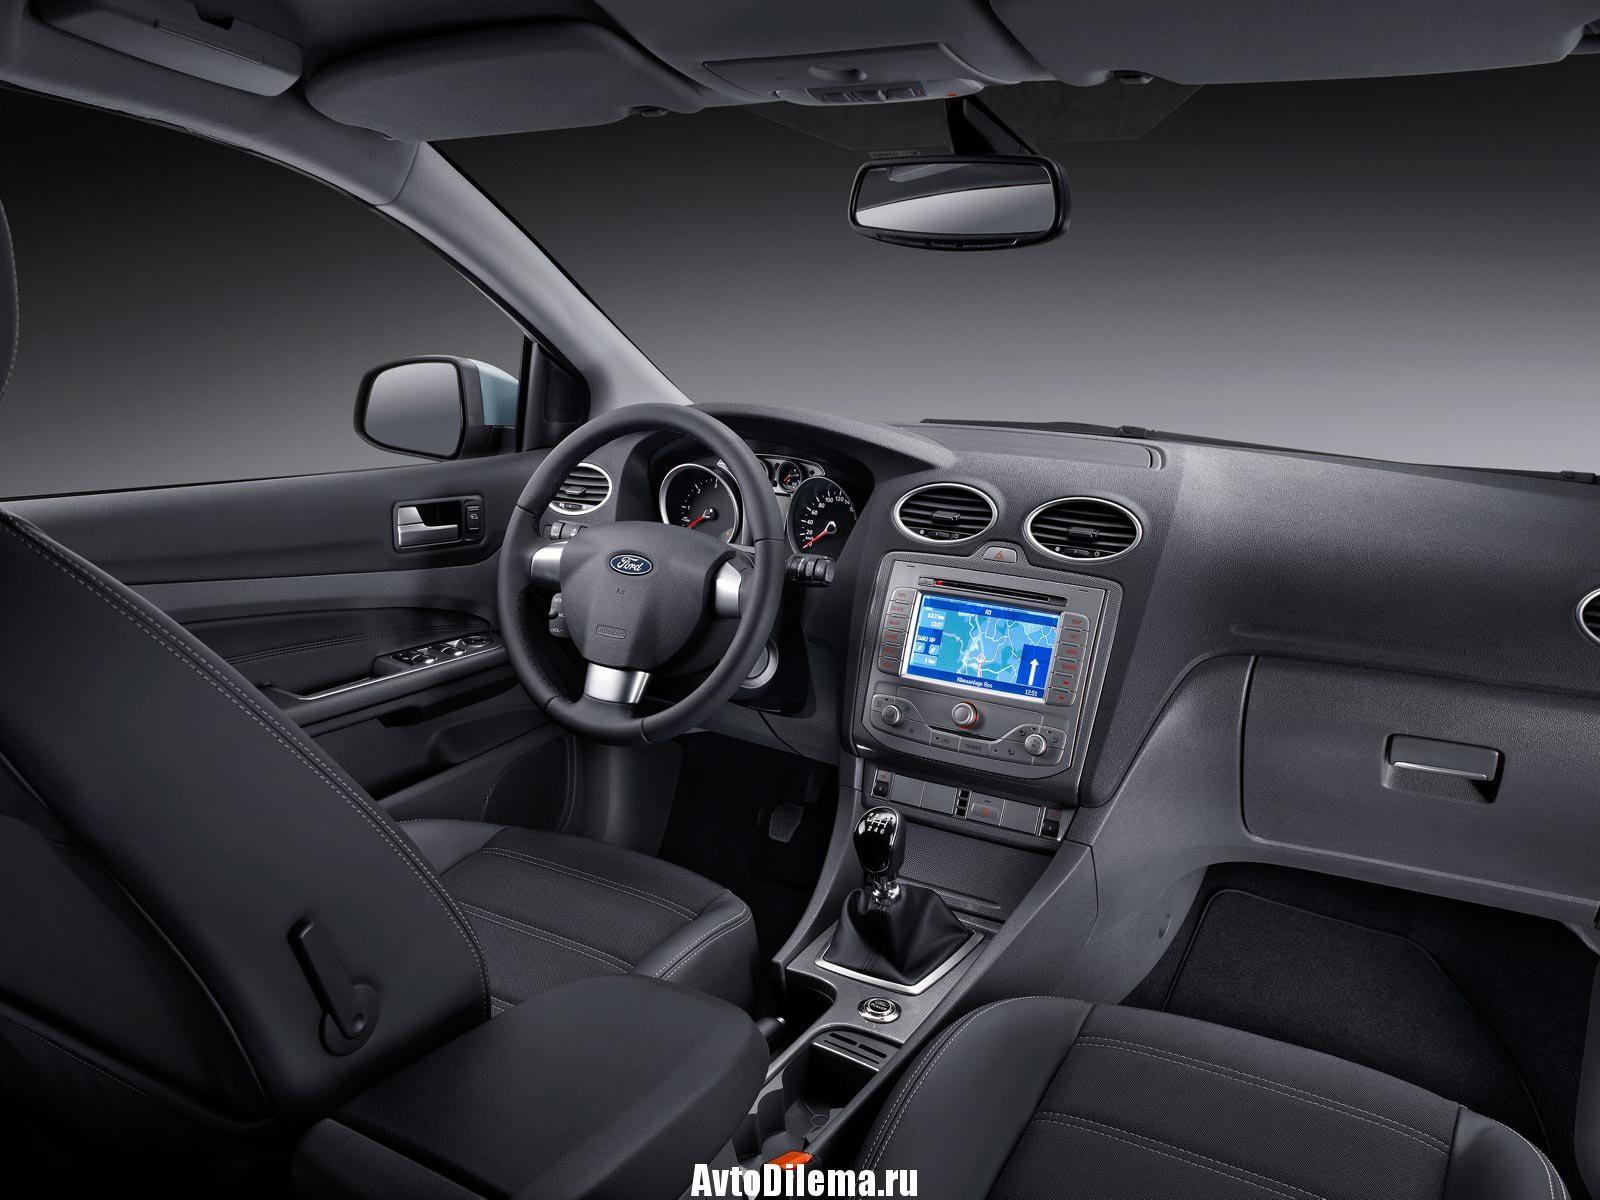 ford_focus-interior